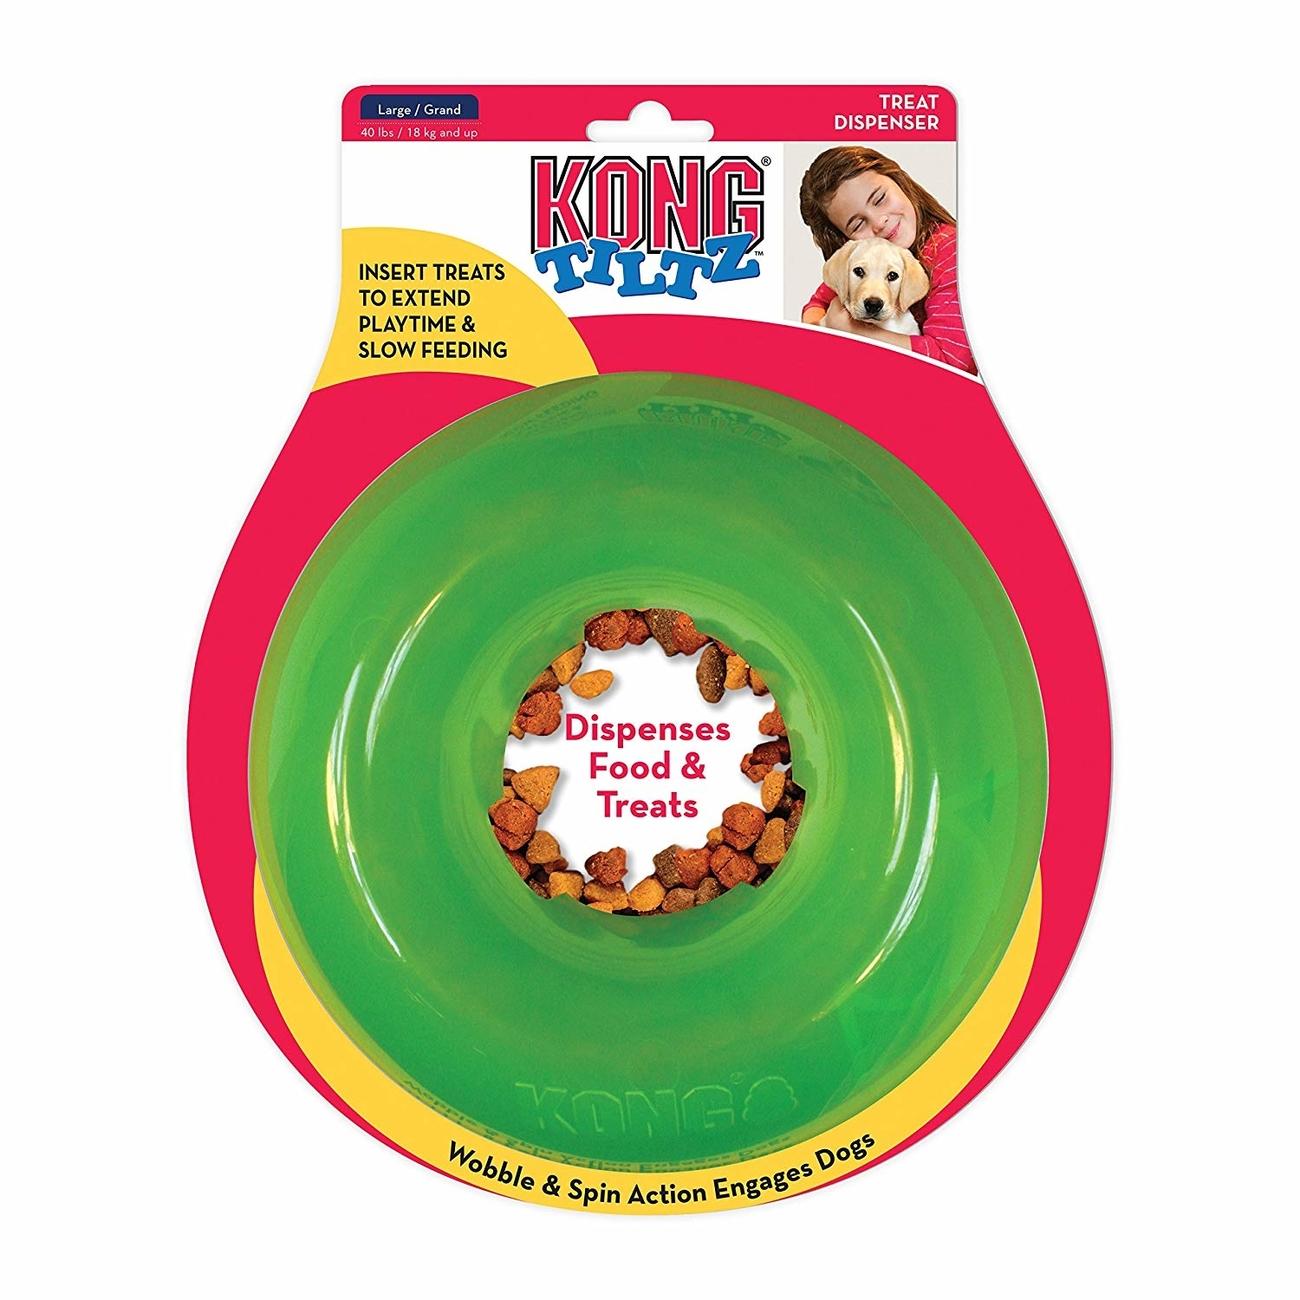 KONG Hundespielzeug Tiltz, Bild 2